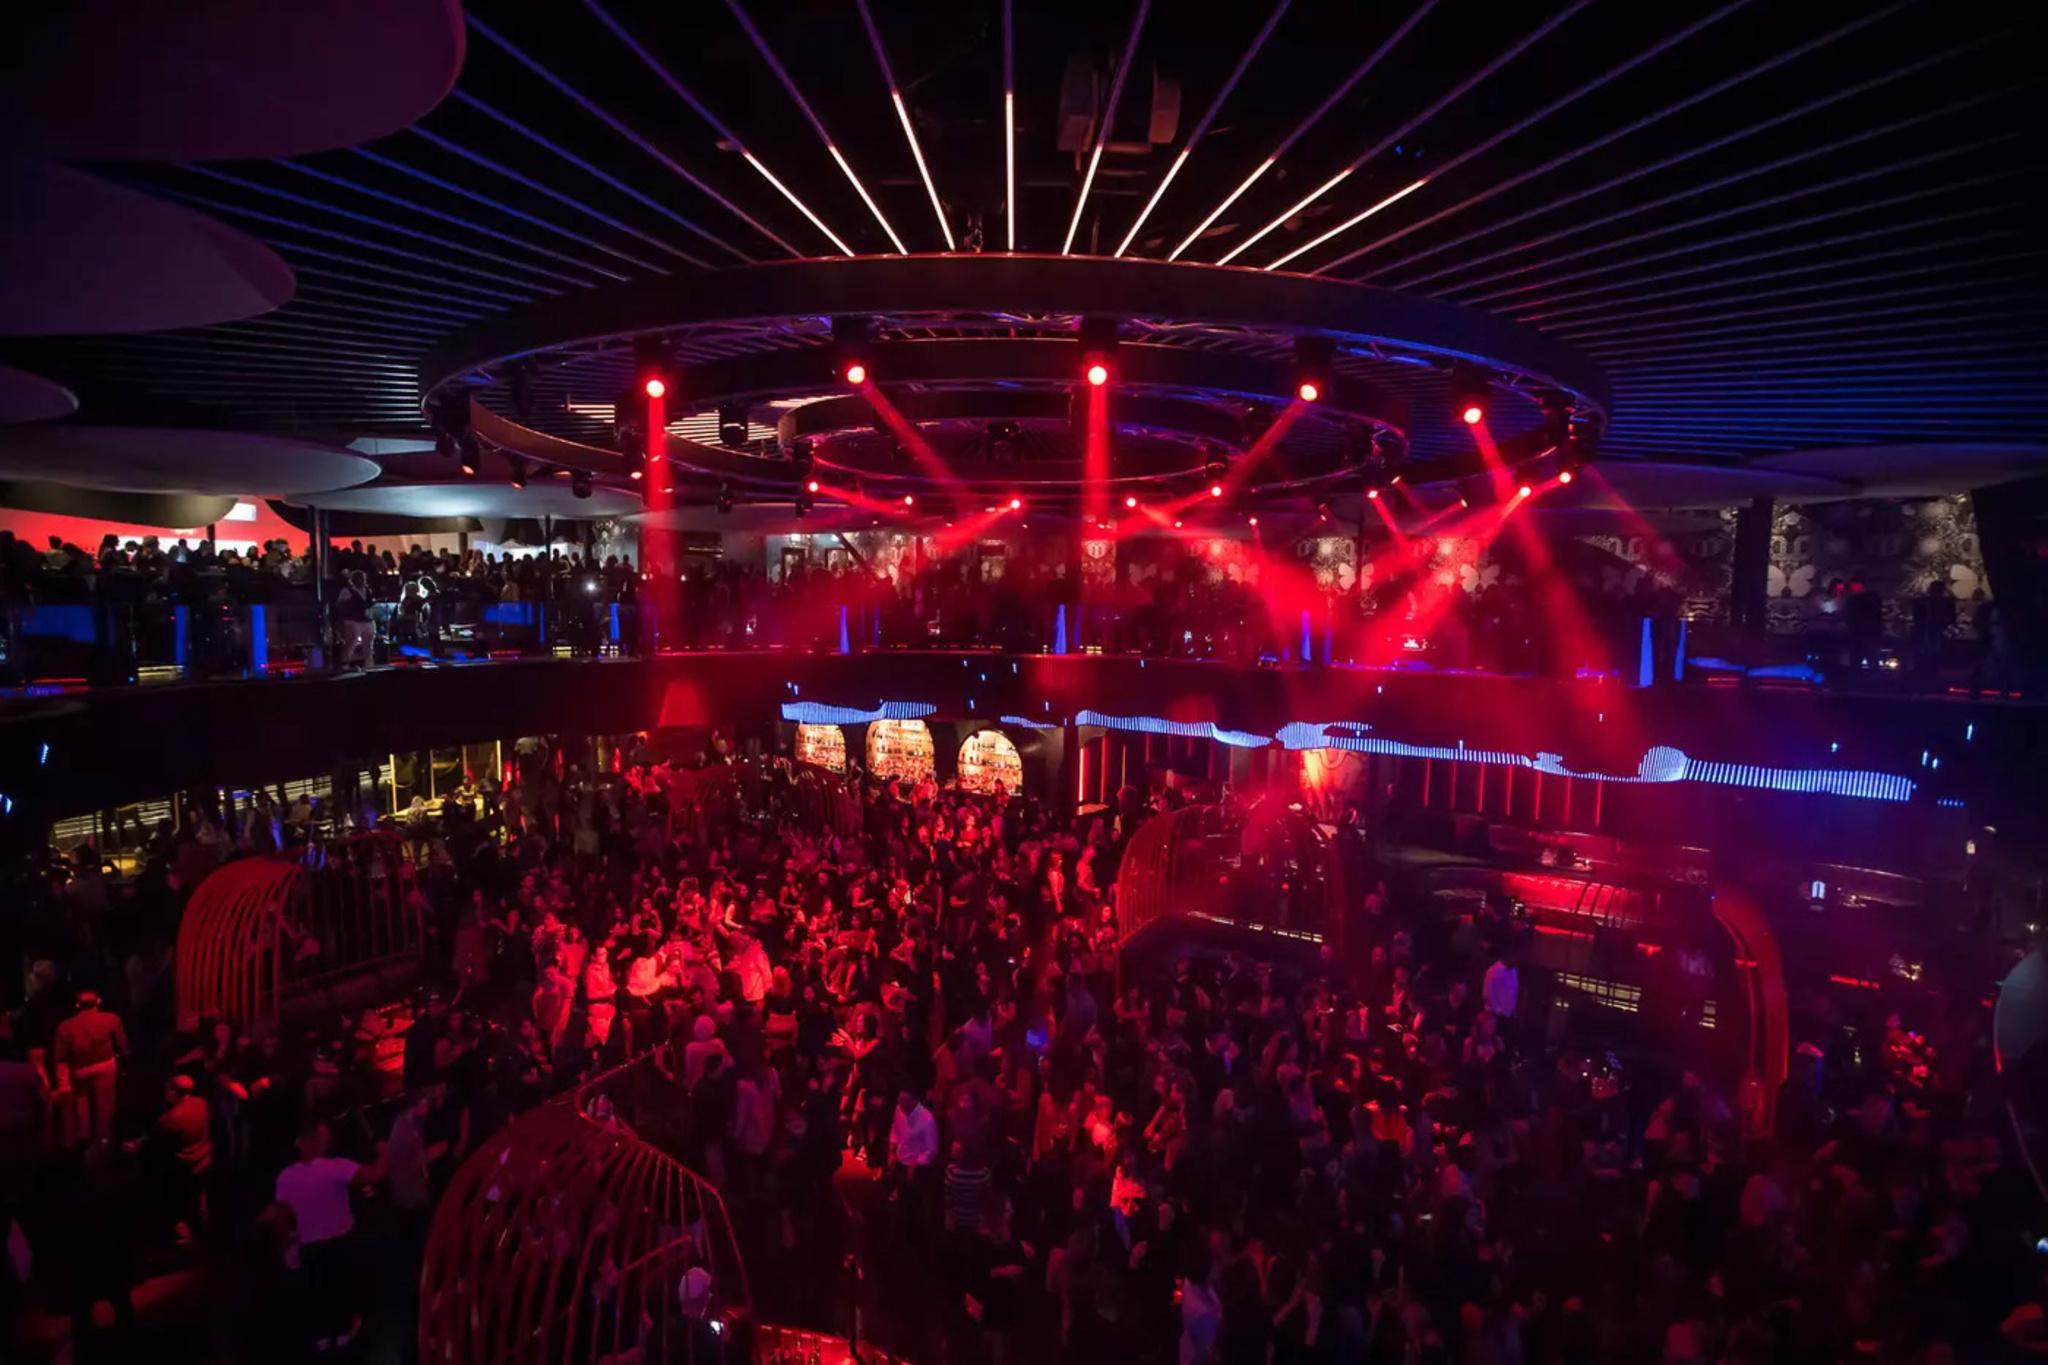 Club Night 4play Toronto